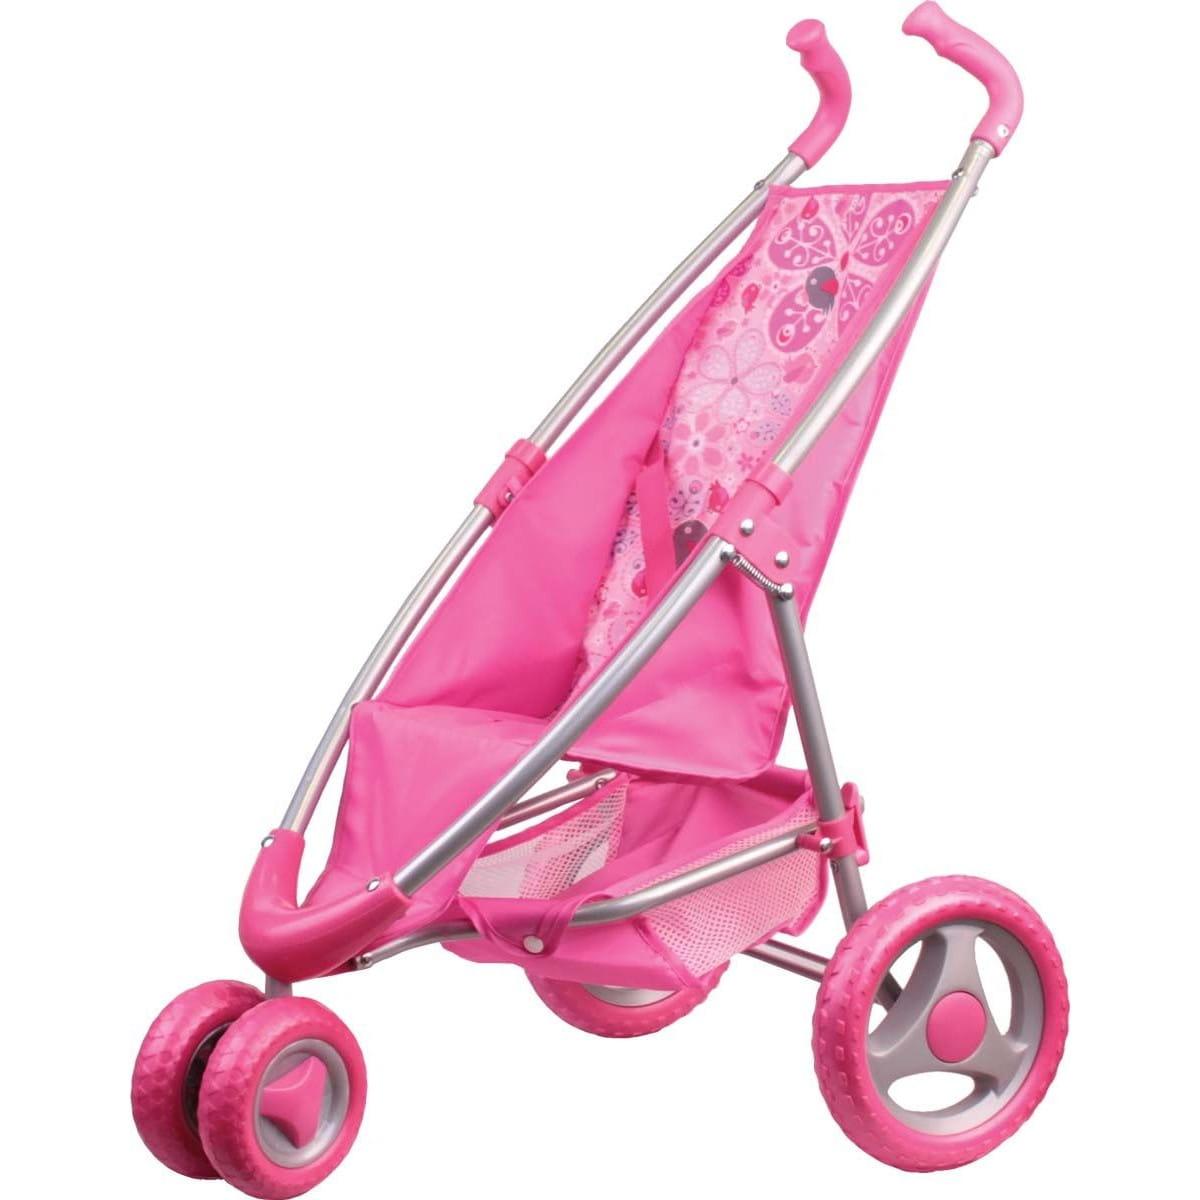 Прогулочная коляска для кукол Gulliver с поворотными колесами - розовая